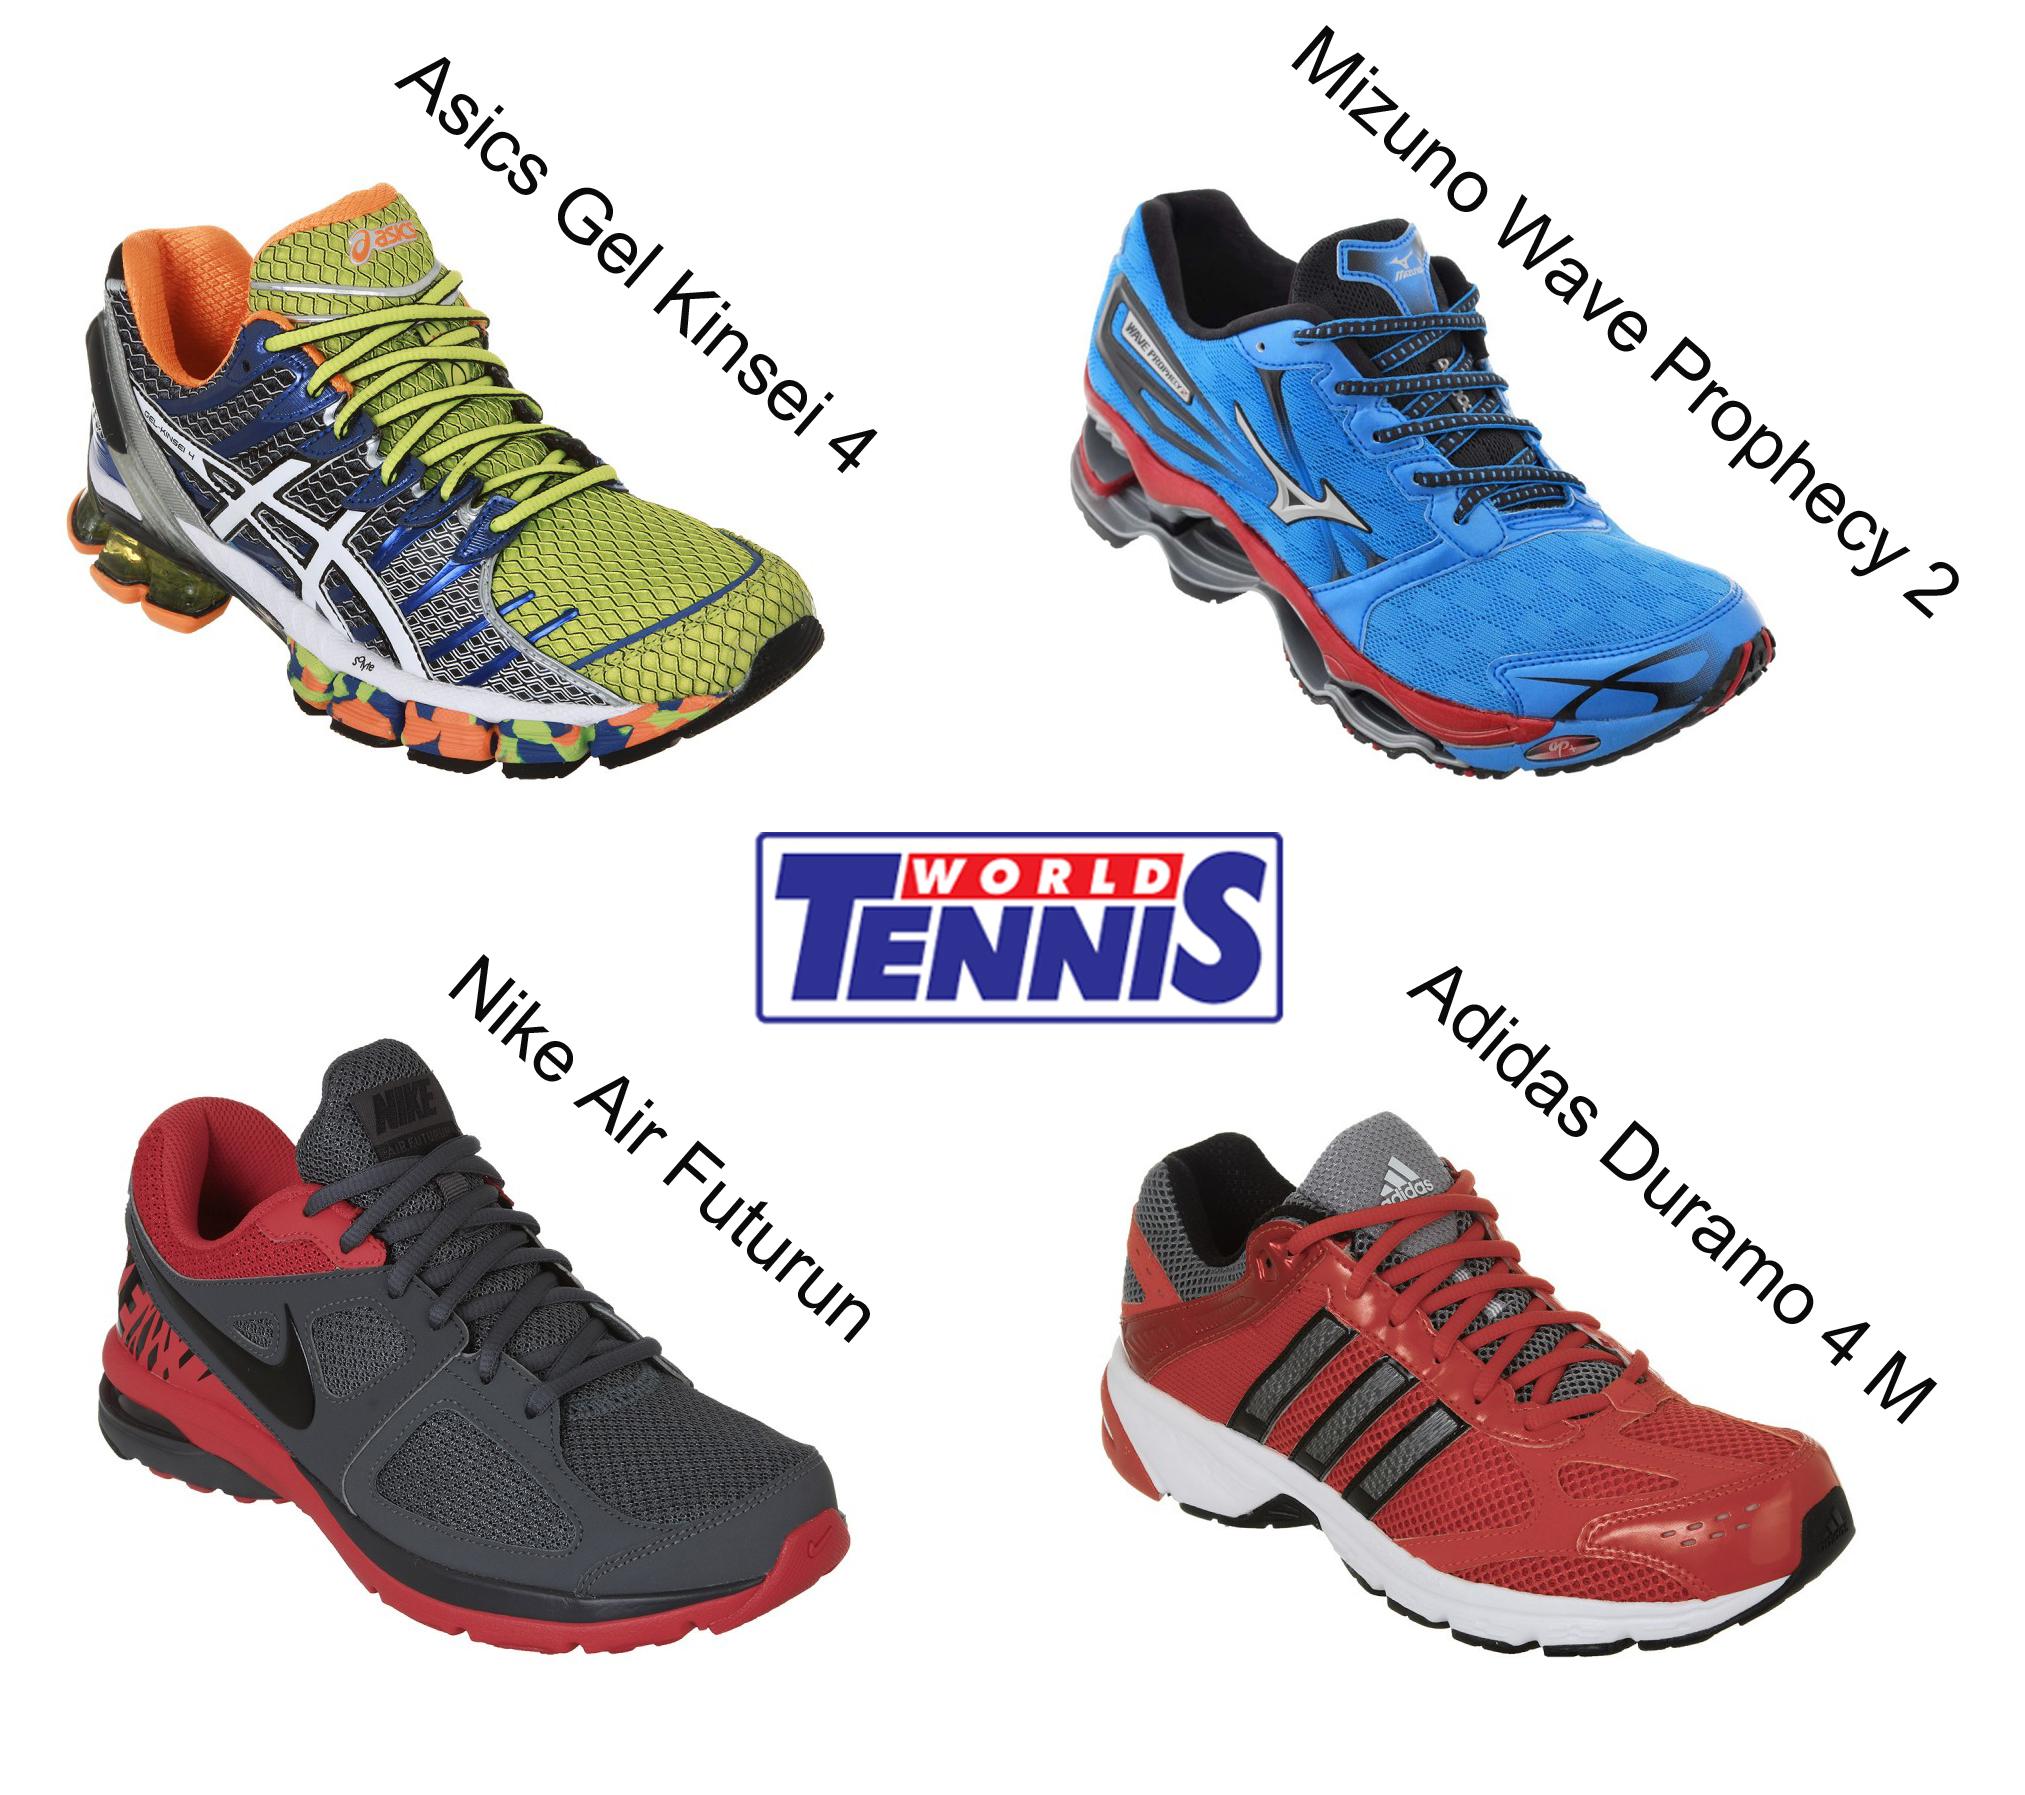 a1771a4bcb0 Arquivos Tênis para academia - Página 11 de 13 - World Tennis - Tênis